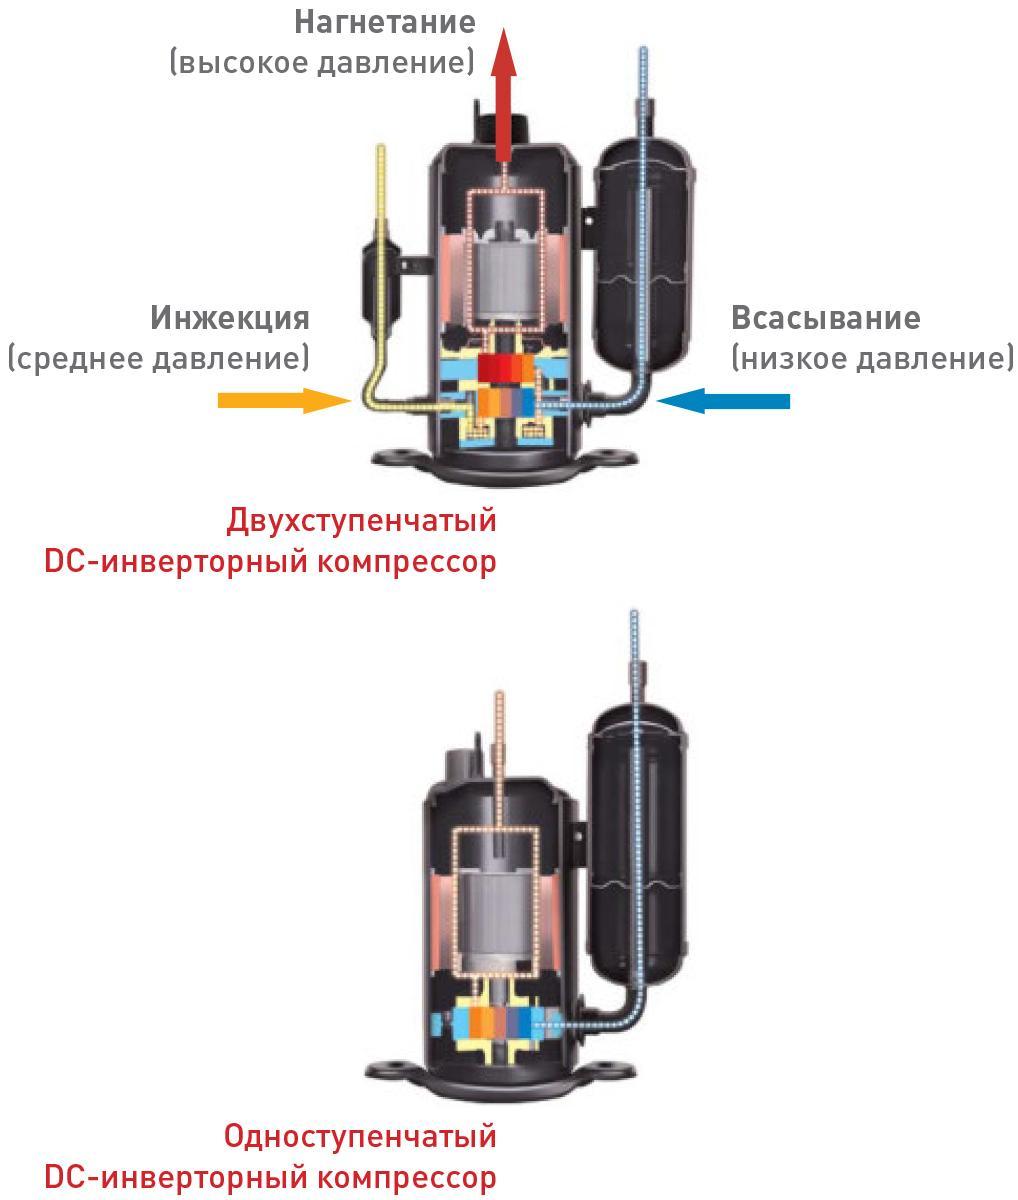 Инверторный компрессор в холодильнике: что это такое, как работает, плюсы и минусы, сравнение с обычным холодильником, советы.